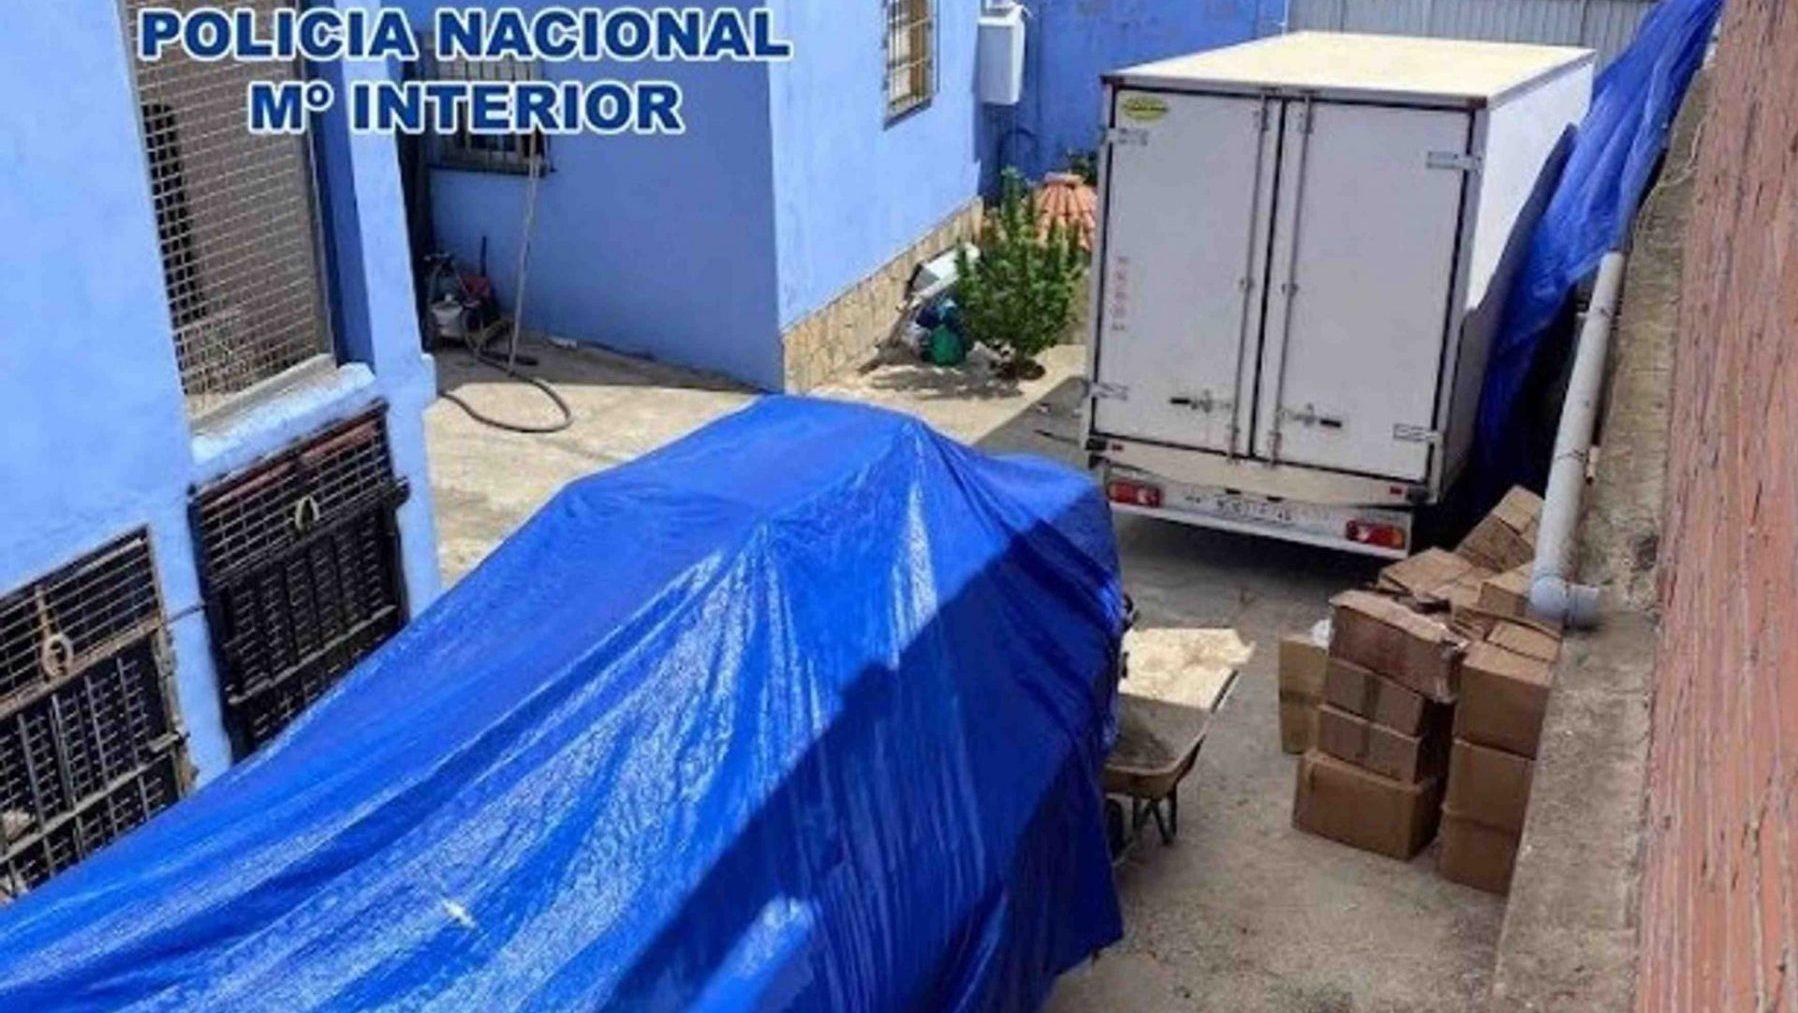 Vivienda donde han sido intervenidas más de ocho toneladas de hachís (POLICÍA NACIONAL).